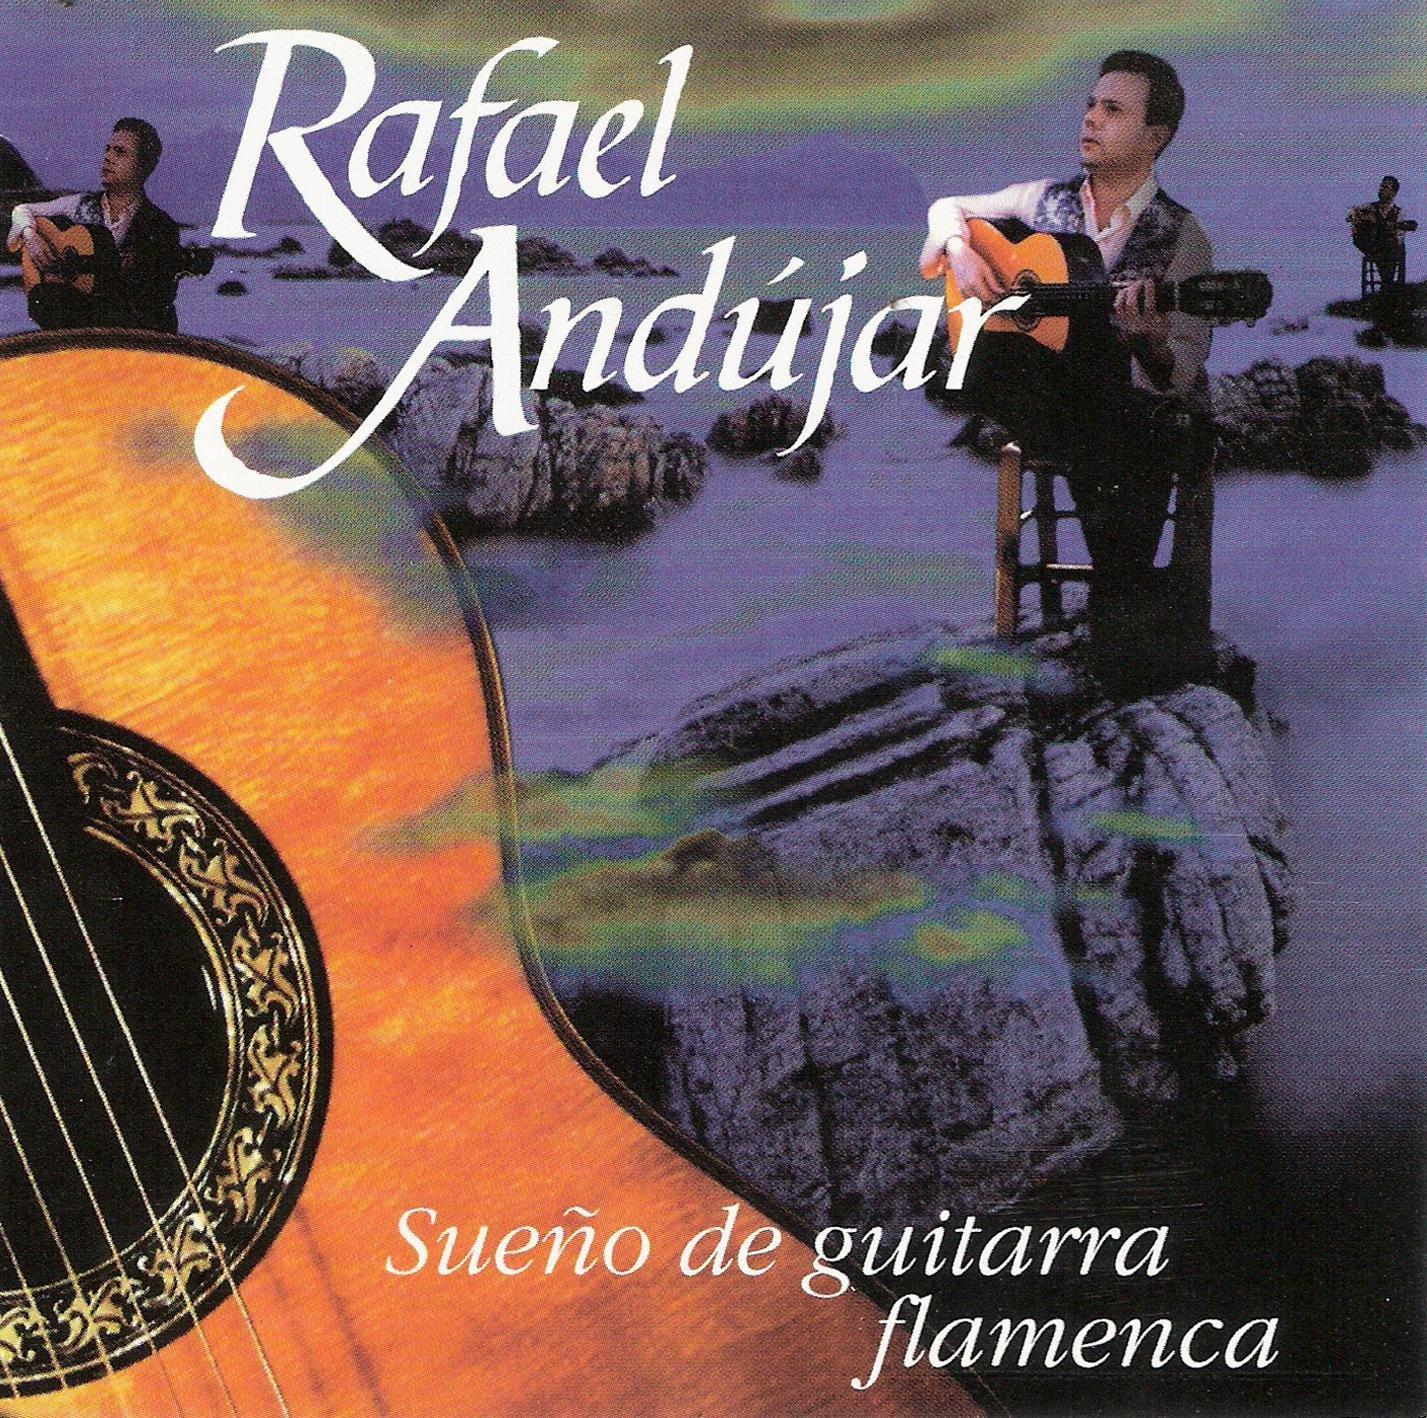 Sueno de Guitarra Flamenca: Rafael Andujar: Amazon.es: Música